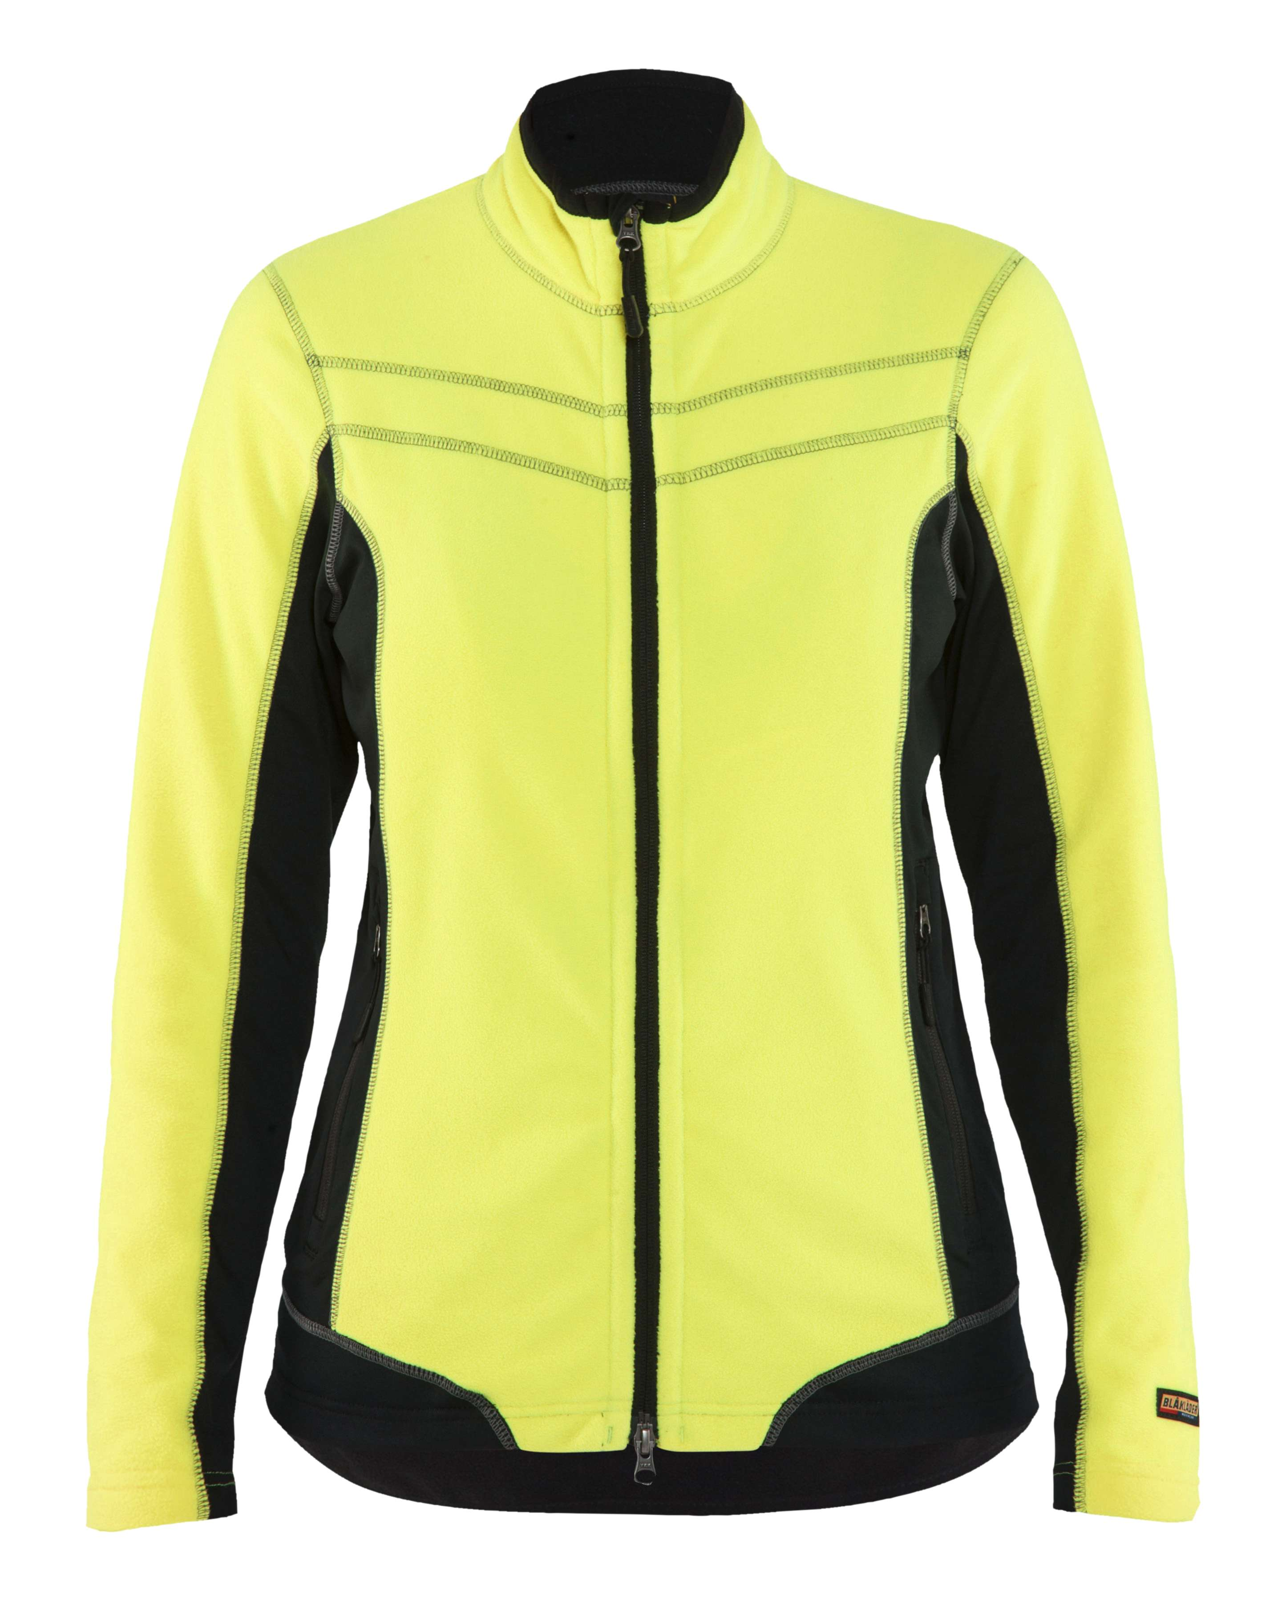 Blaklader Dames fleece vesten 49241010 geel-zwart(3399)